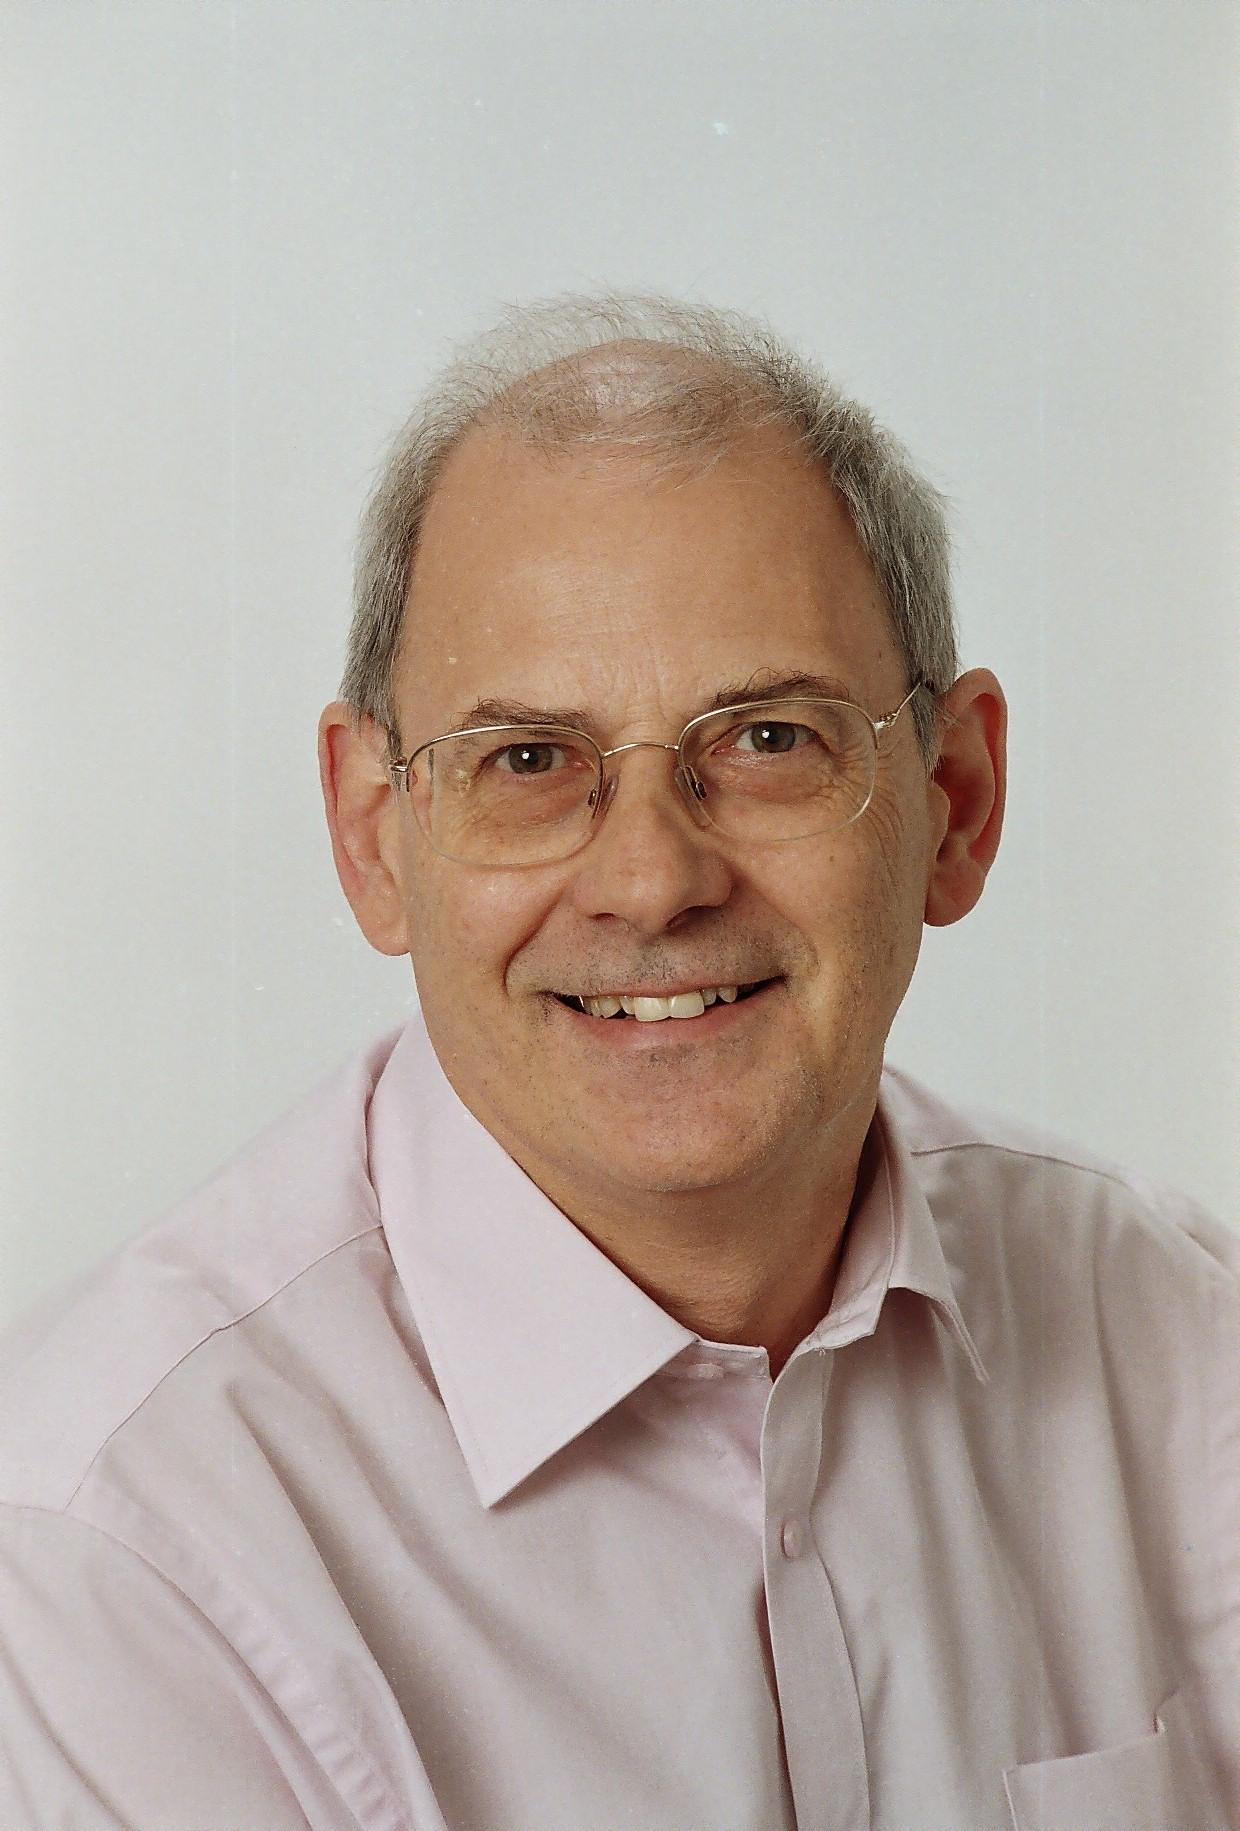 David Clutterbuck